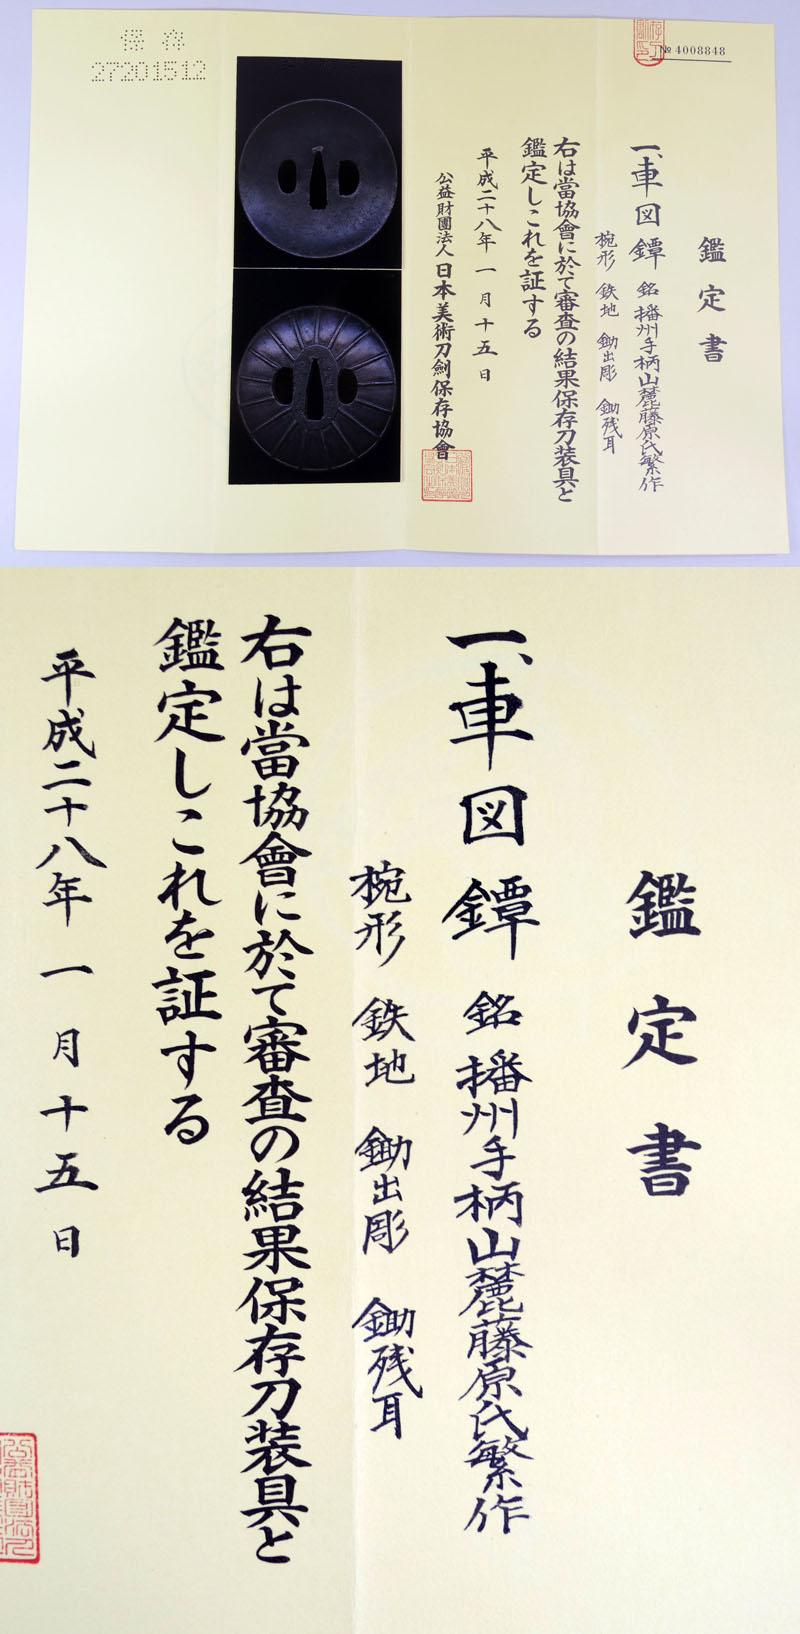 車図鍔 播州手柄山麓藤原氏繁作 (刀匠鍔) Picture of Certificate